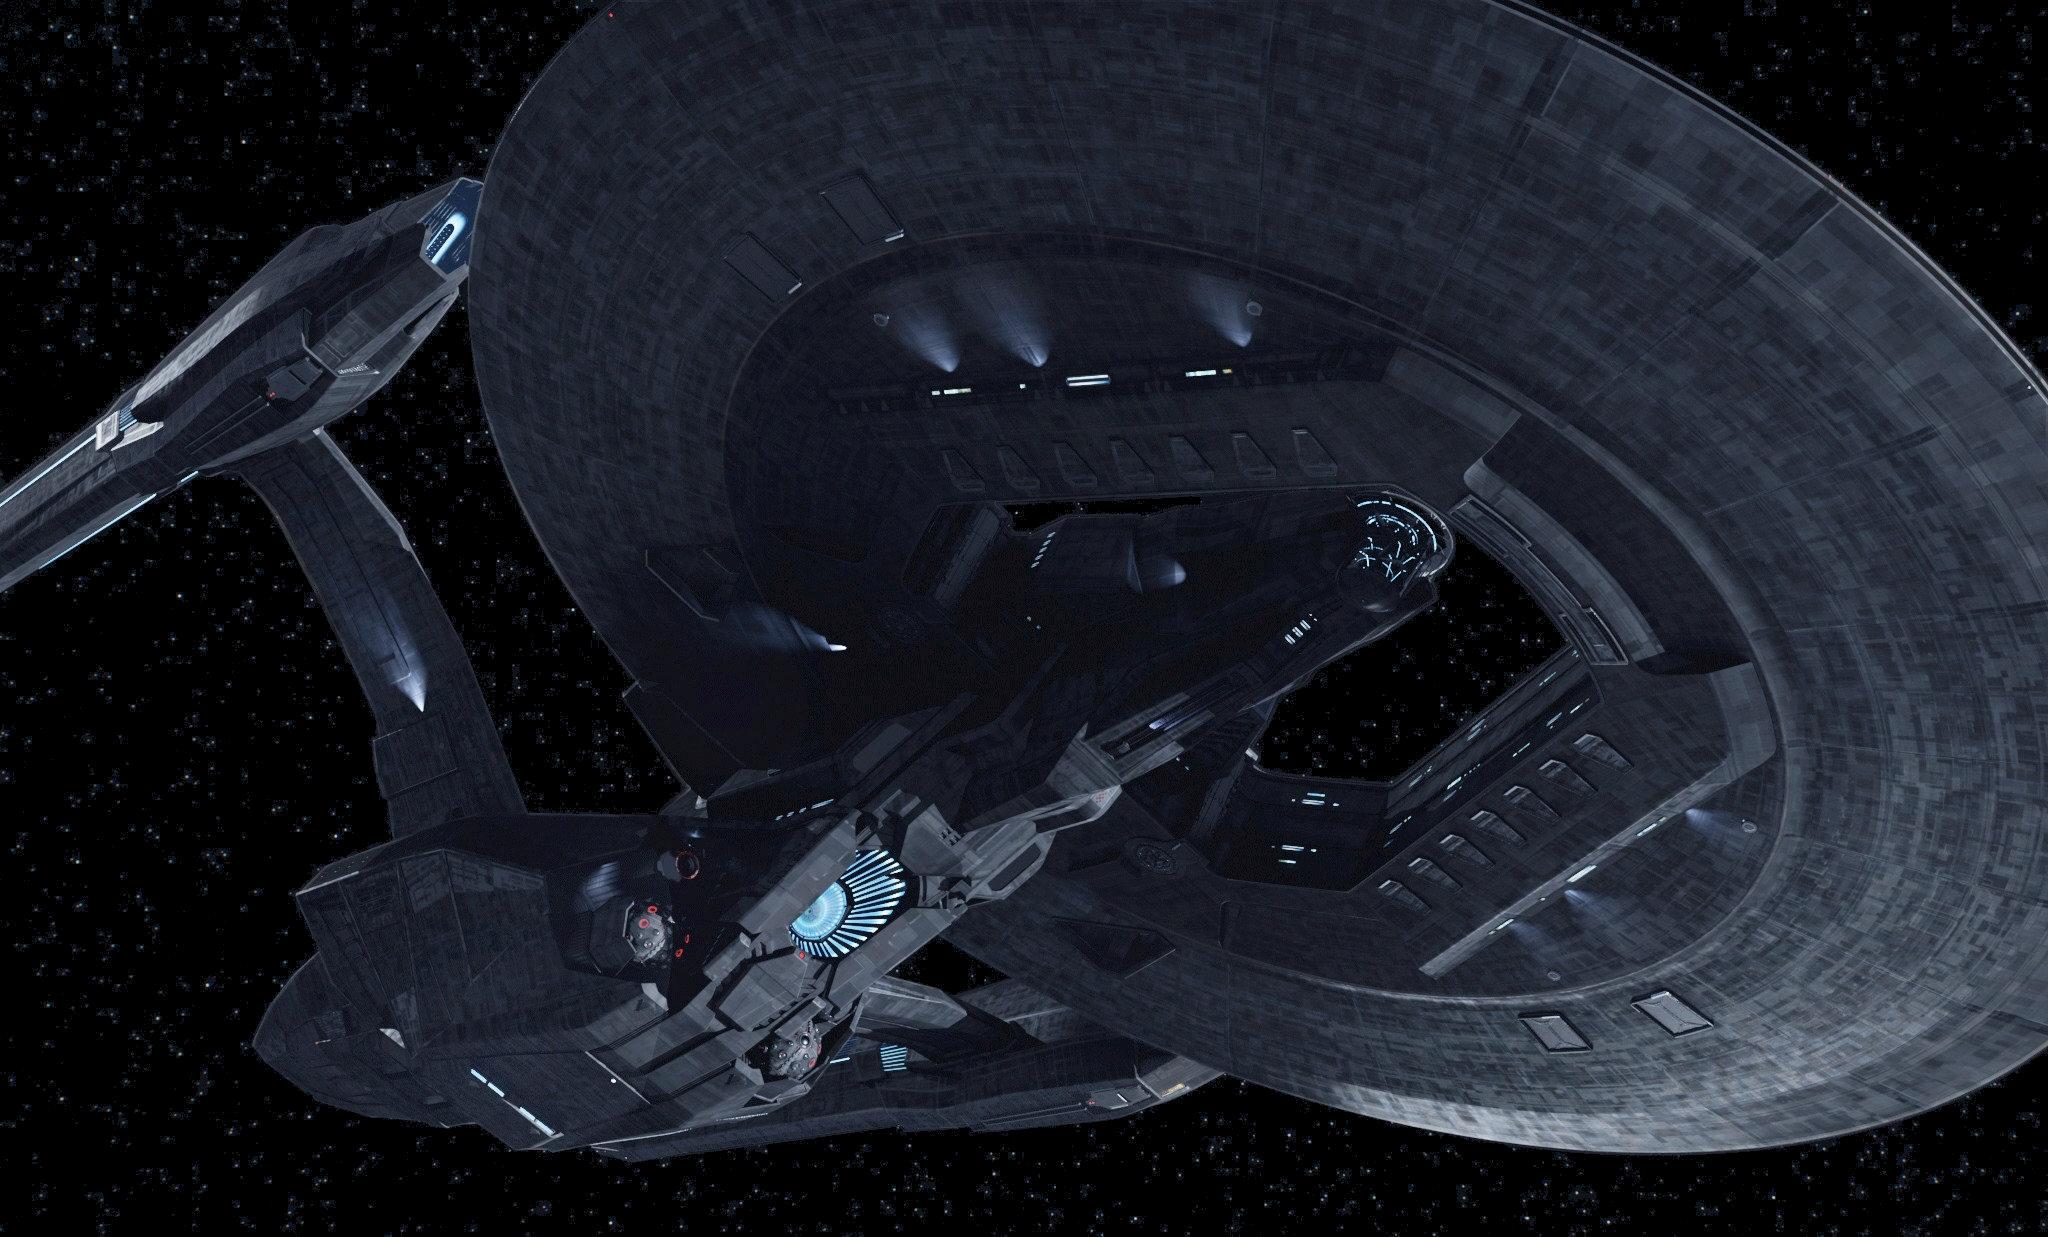 Klingon Ship Into Darkness Ex Astris Scientia - A...